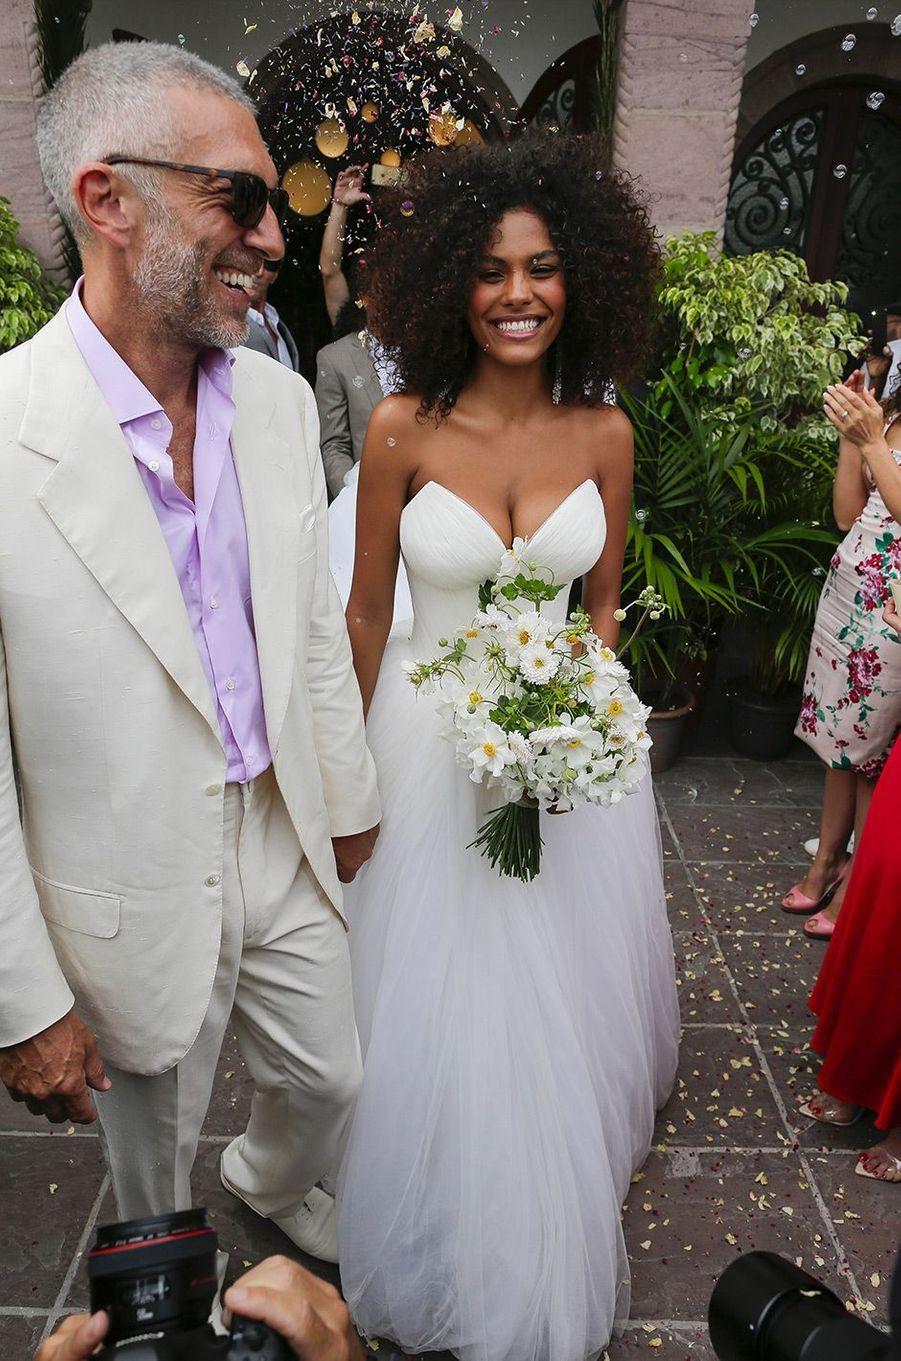 Le mariage de Vincent Cassel et Tina Kunakey, vendredi 24 août